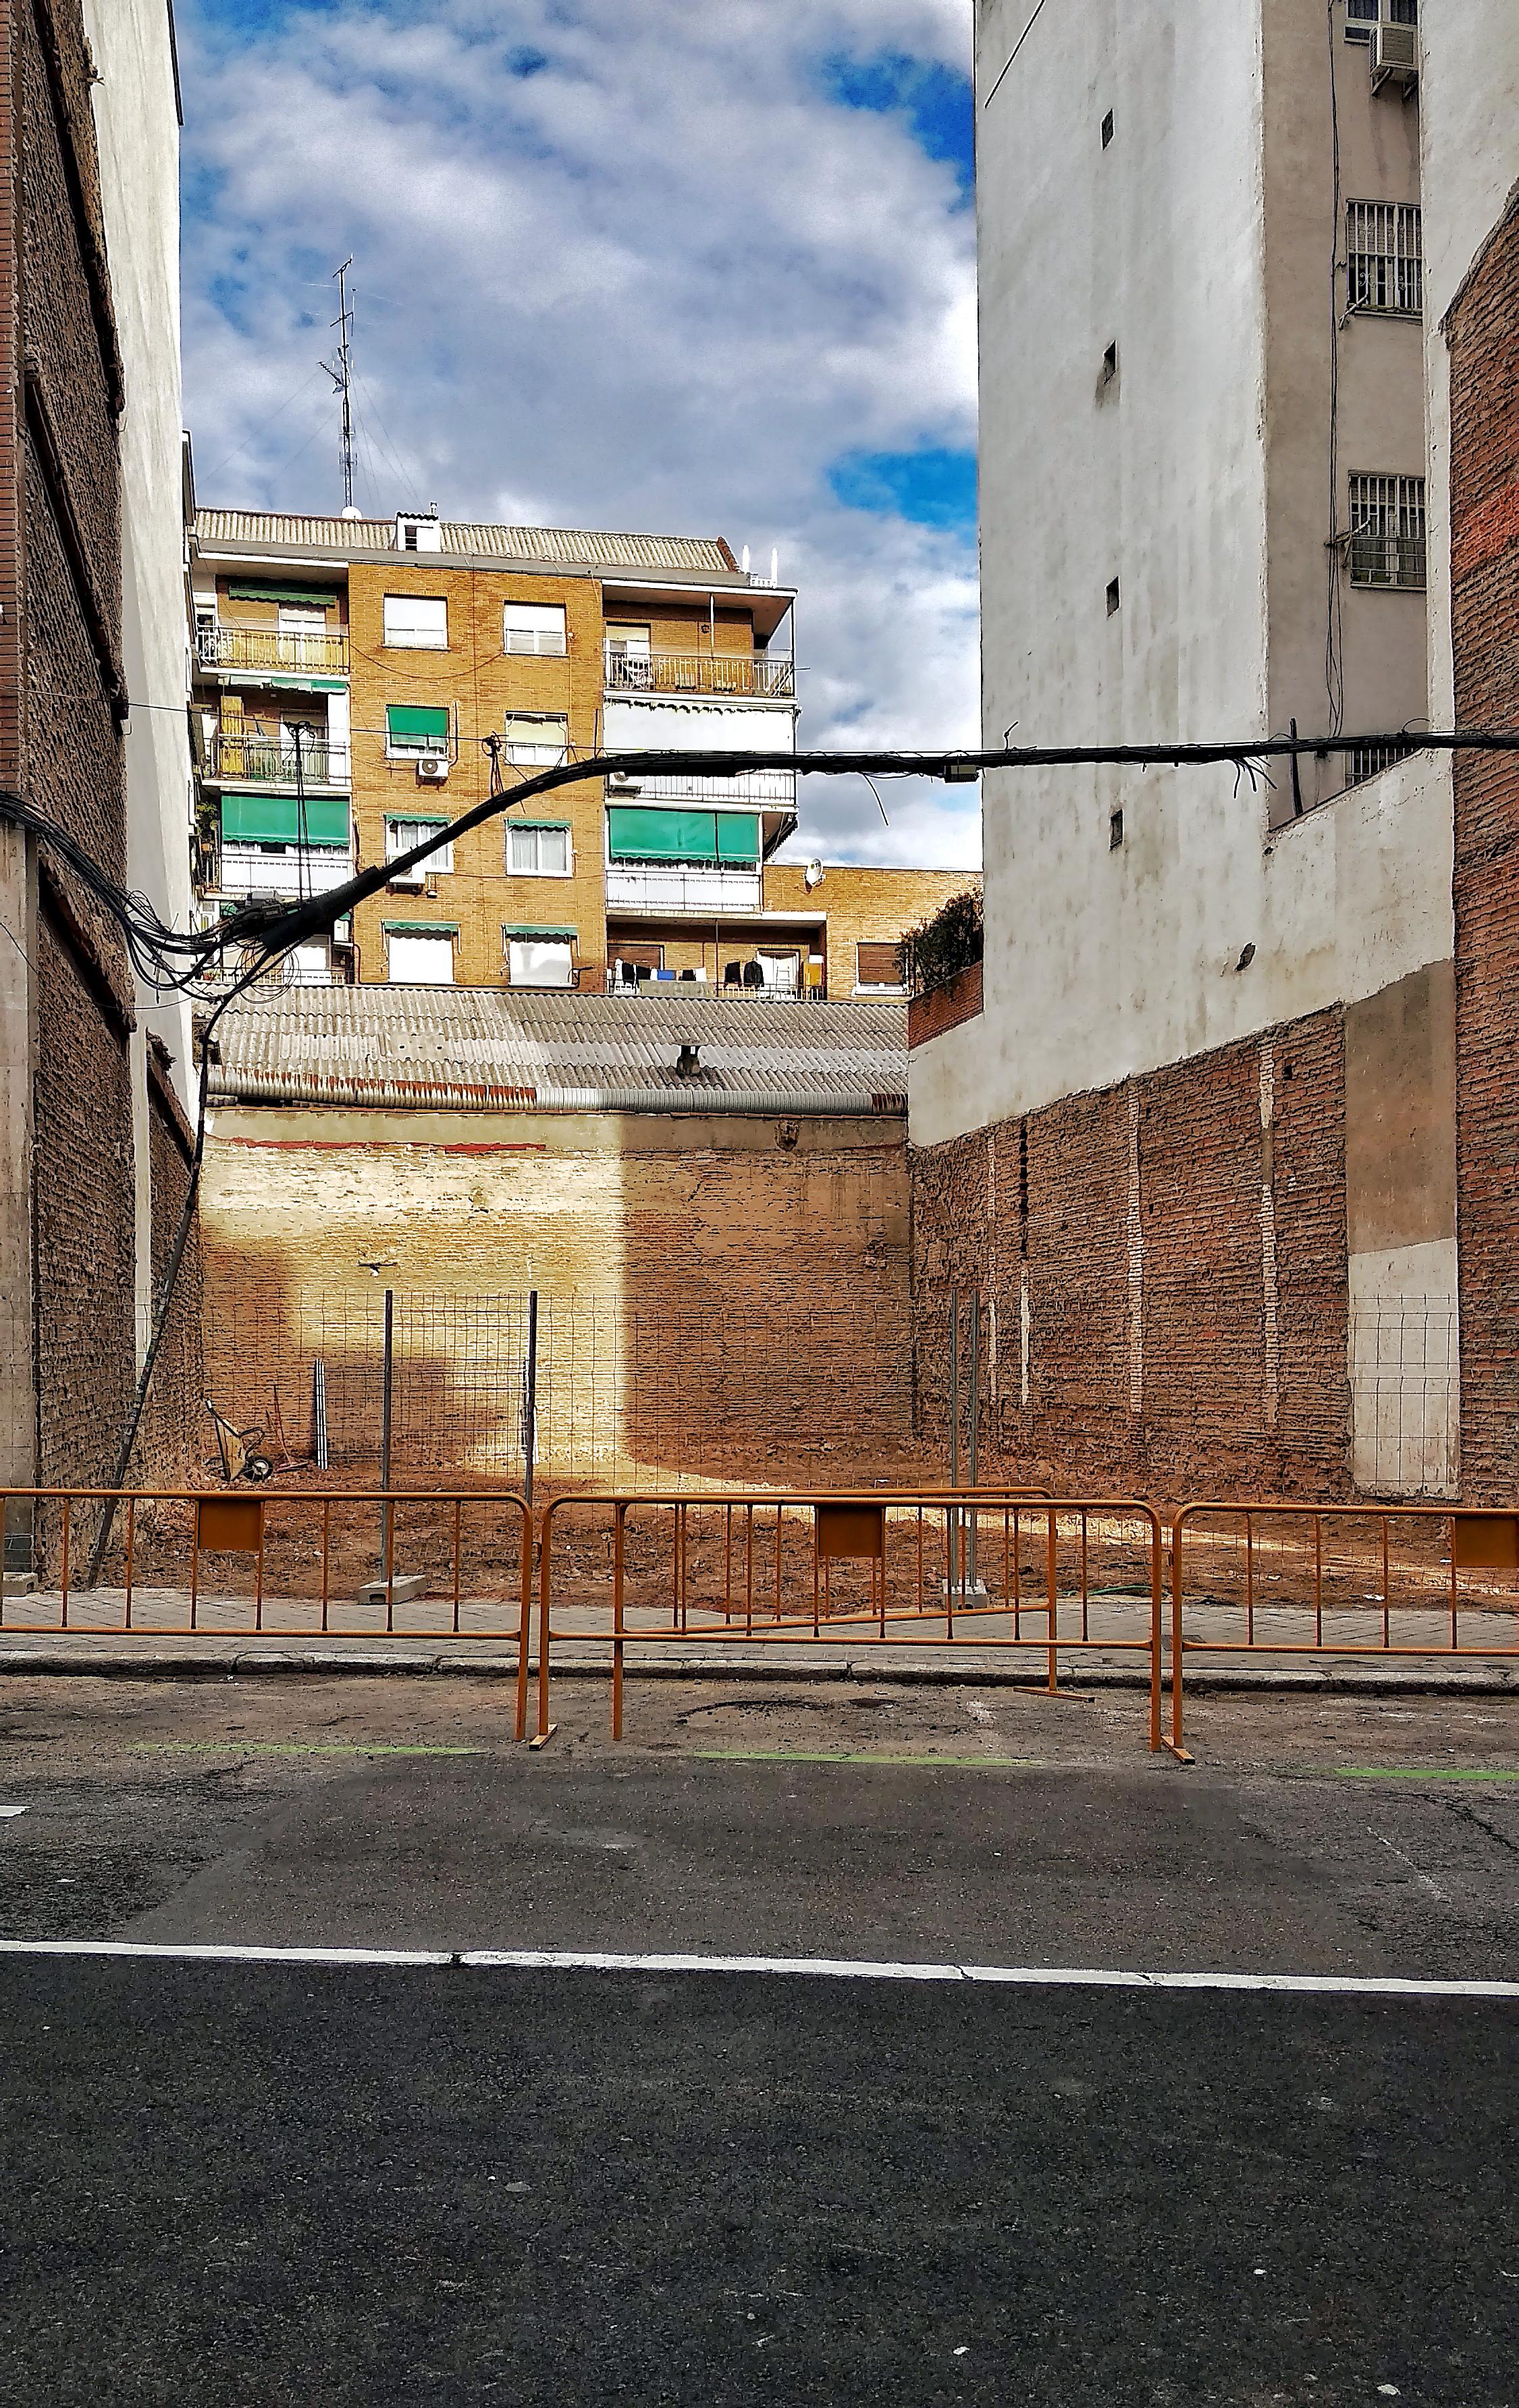 Solar en la calle de Canillas número 75, la Prosperidad. (Foto: Enrique F. Rojo Escobar, 2018)